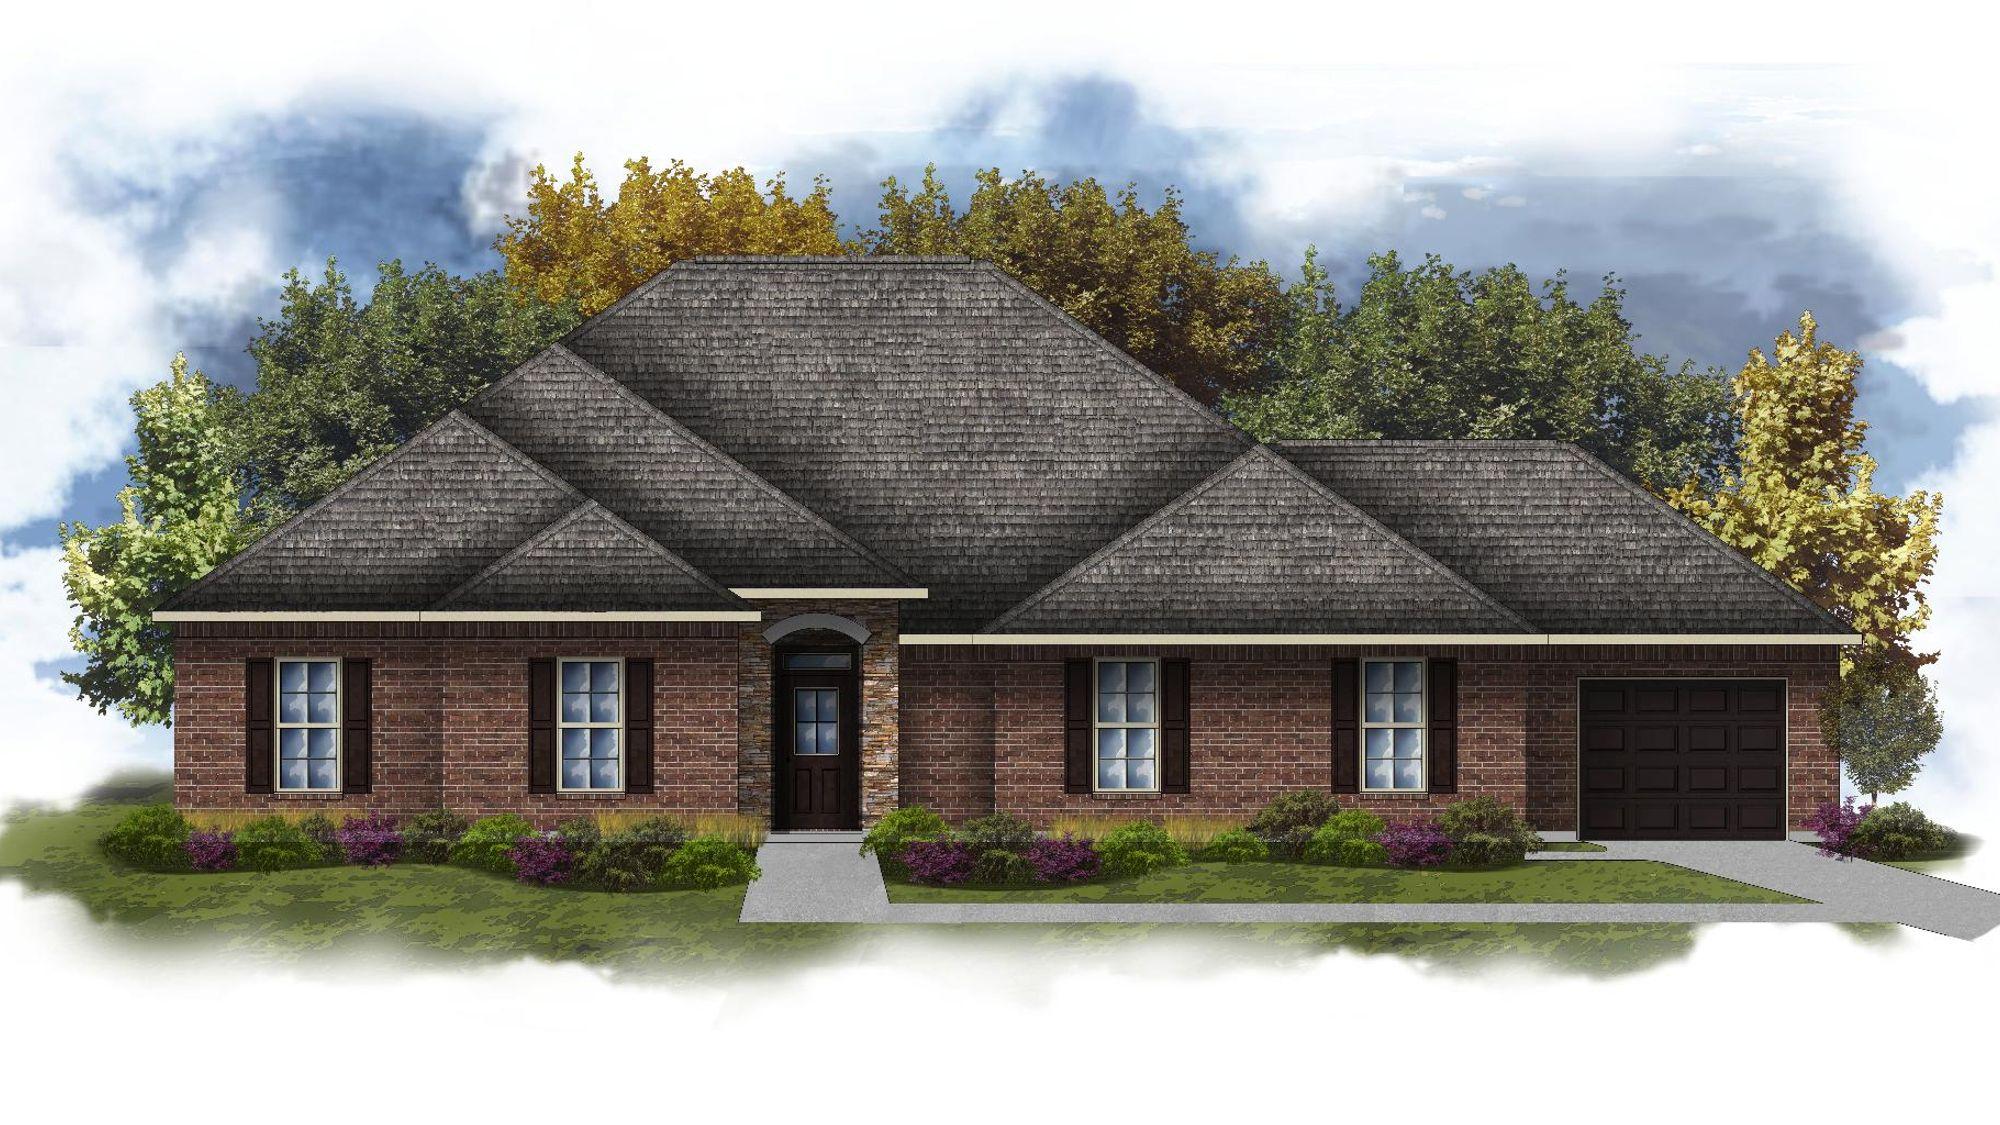 Cleveland III H - Open Floor Plan - DSLD Homes